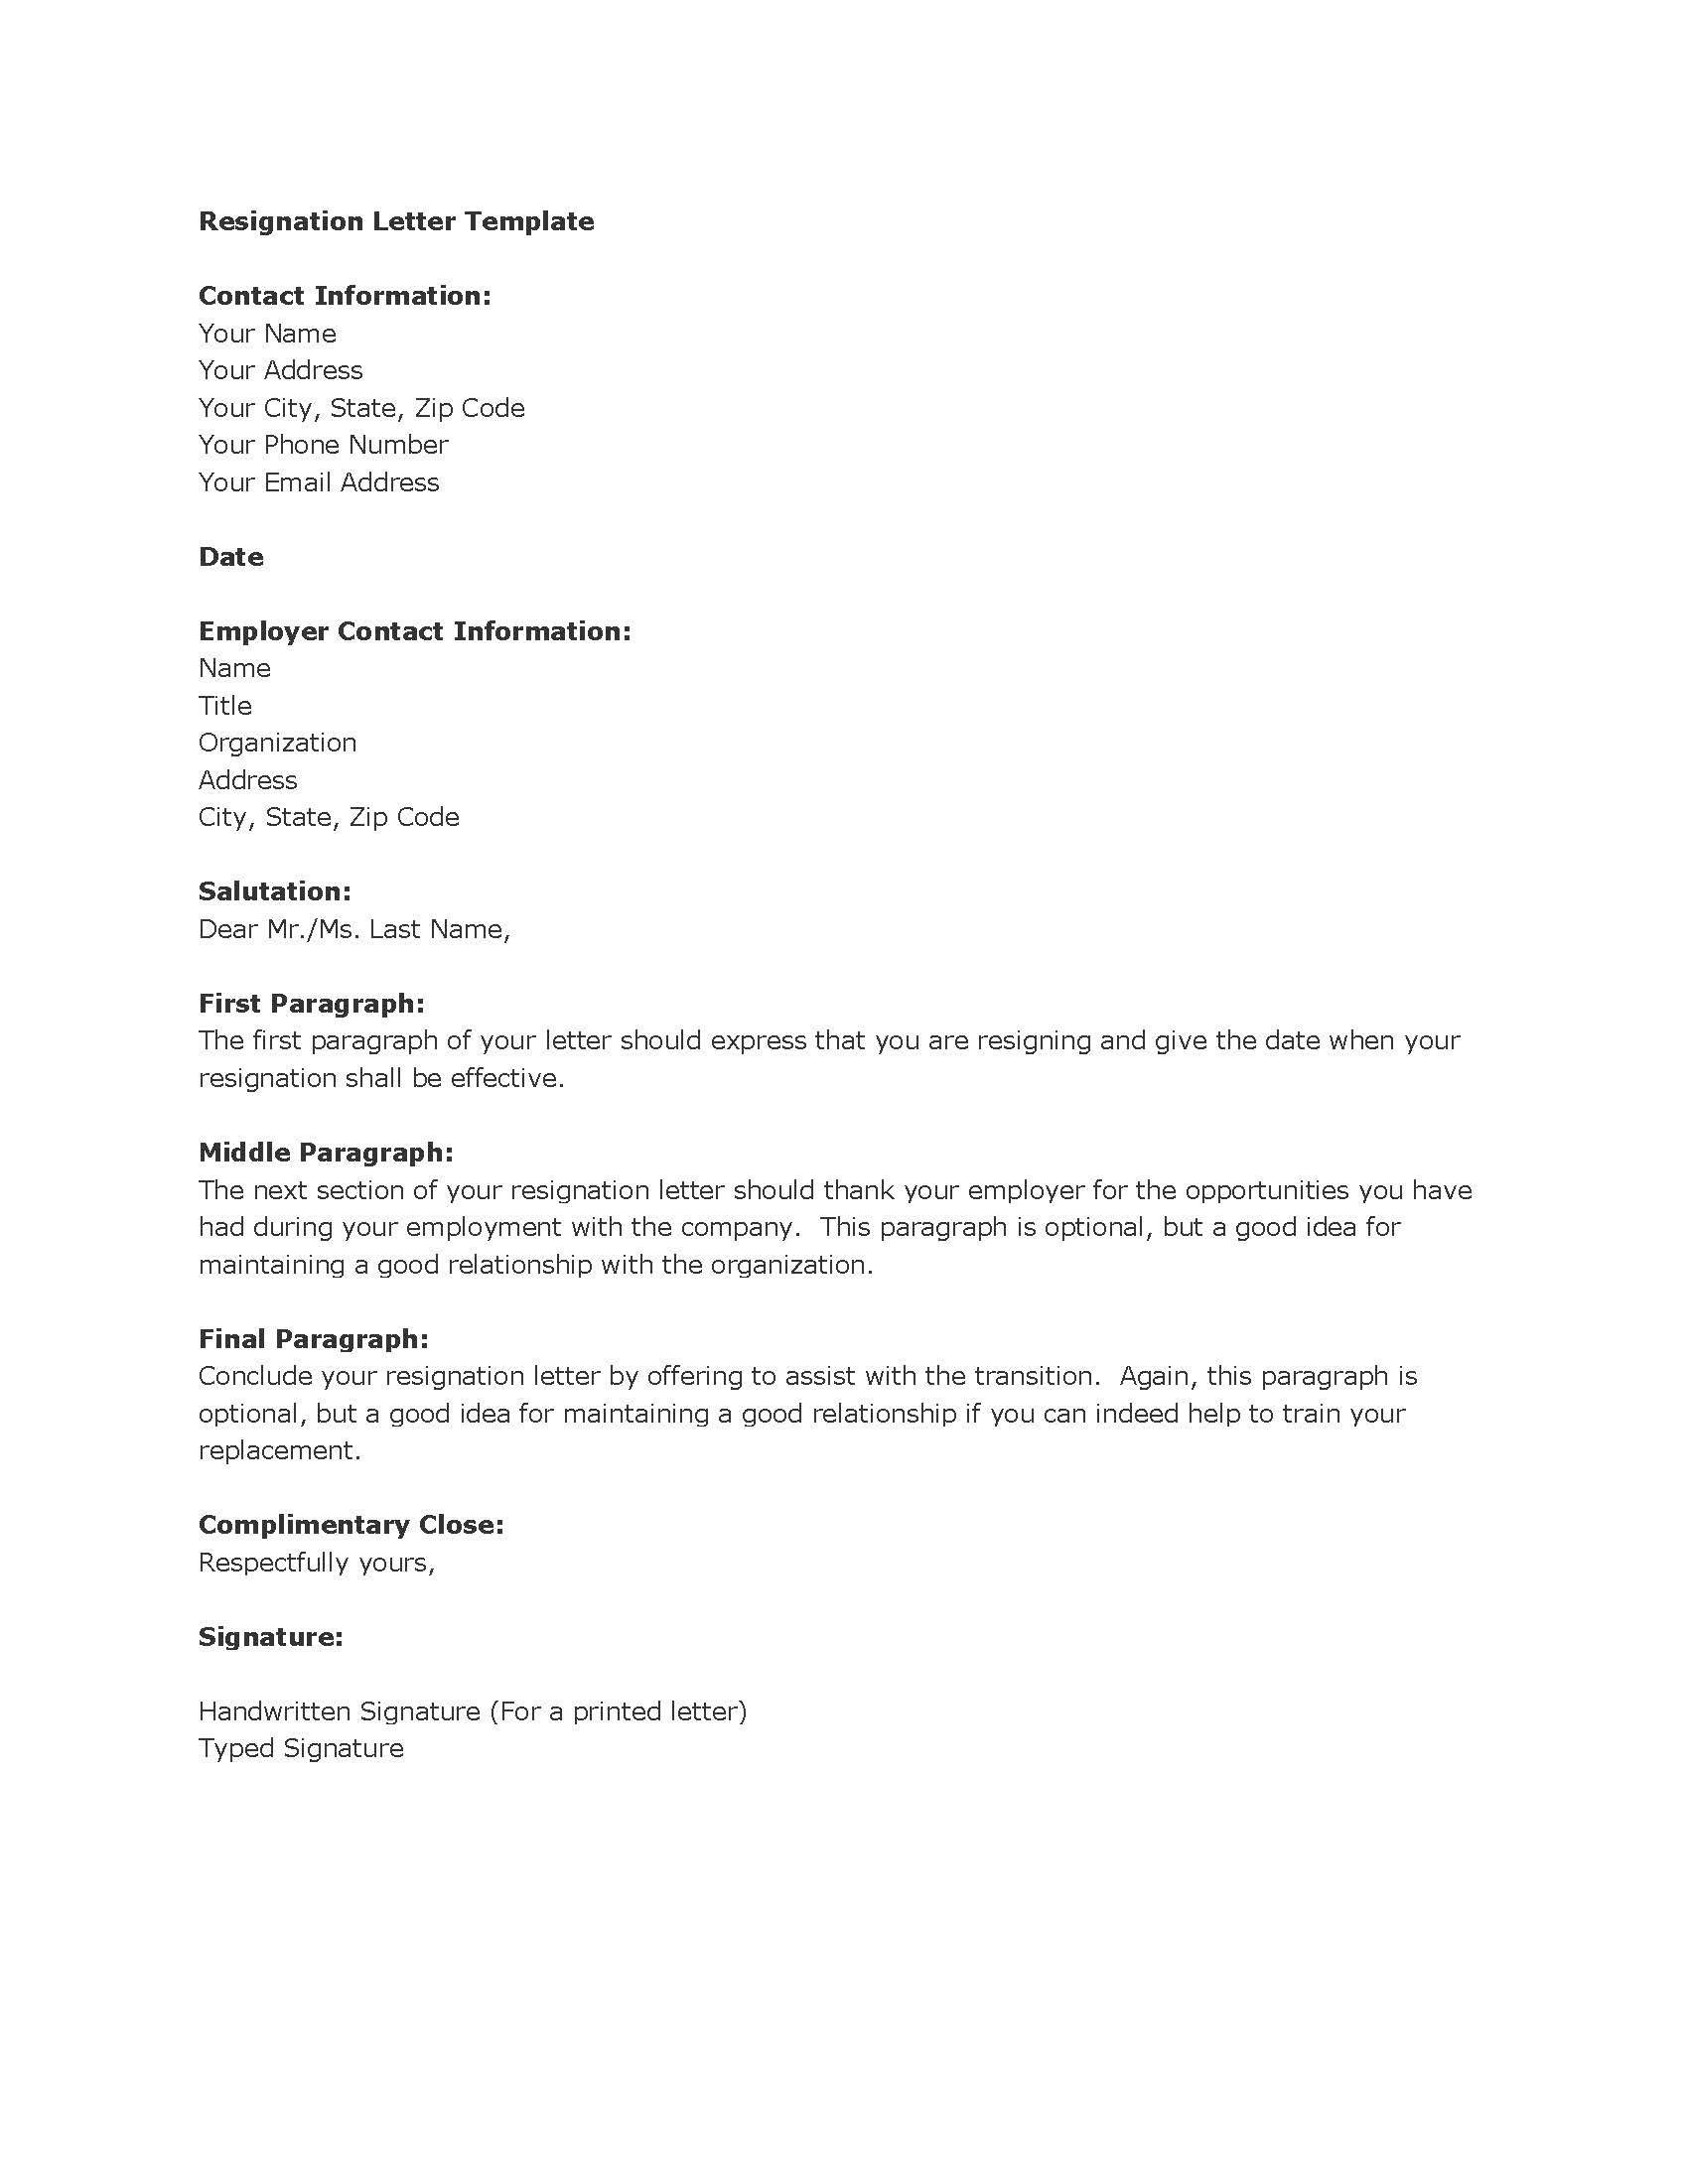 Job Resignation Letter Sample Template